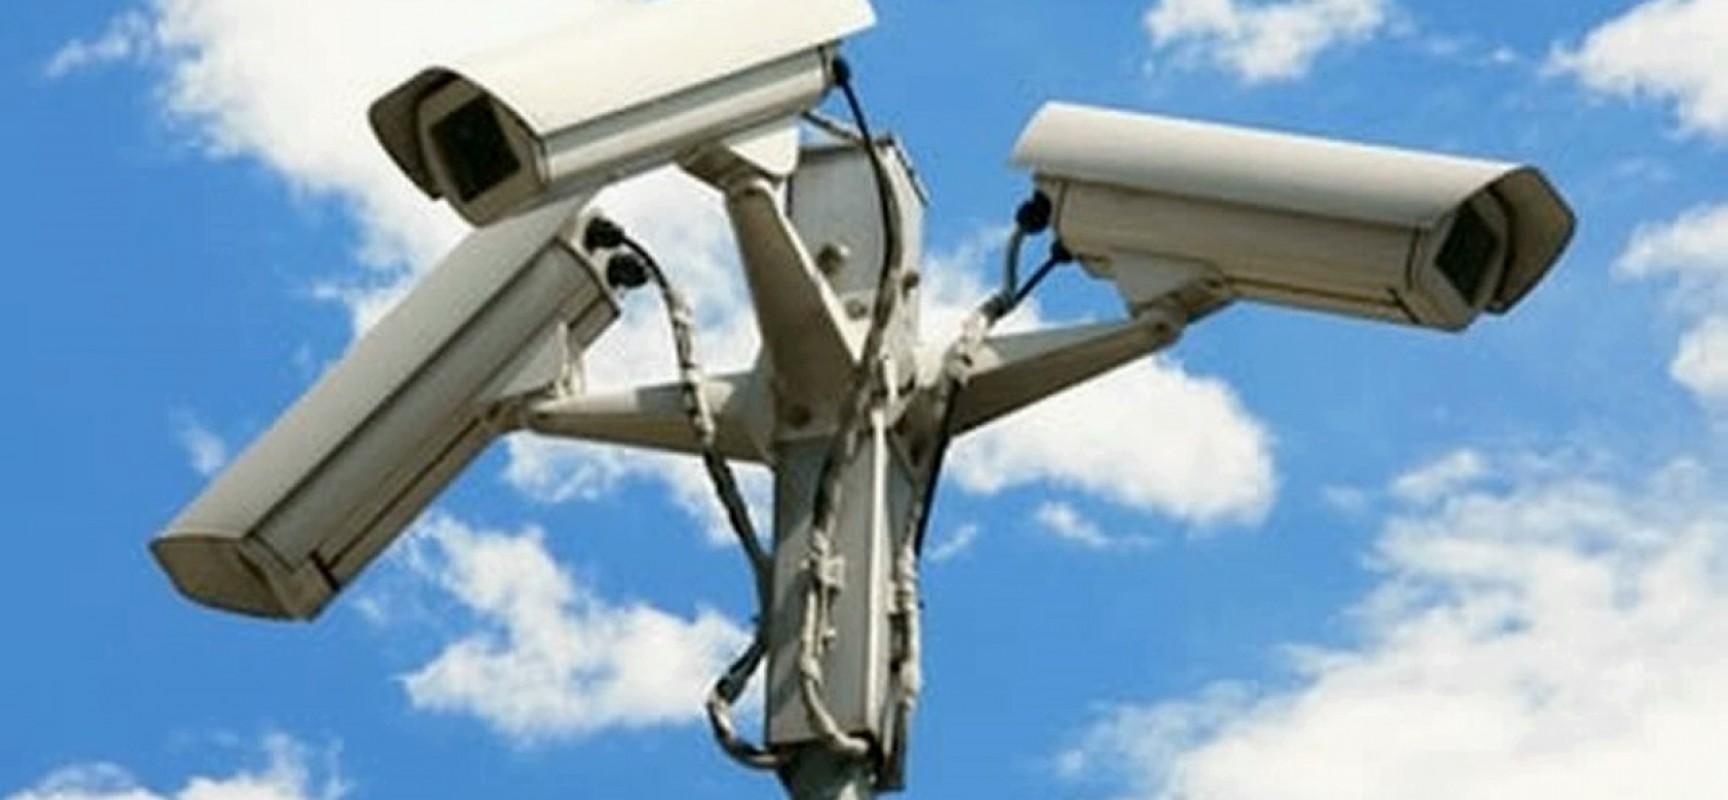 Aggiudicato l'appalto per le apparecchiature di videosorveglianza e la rilevazione delle infrazioni del codice della strada